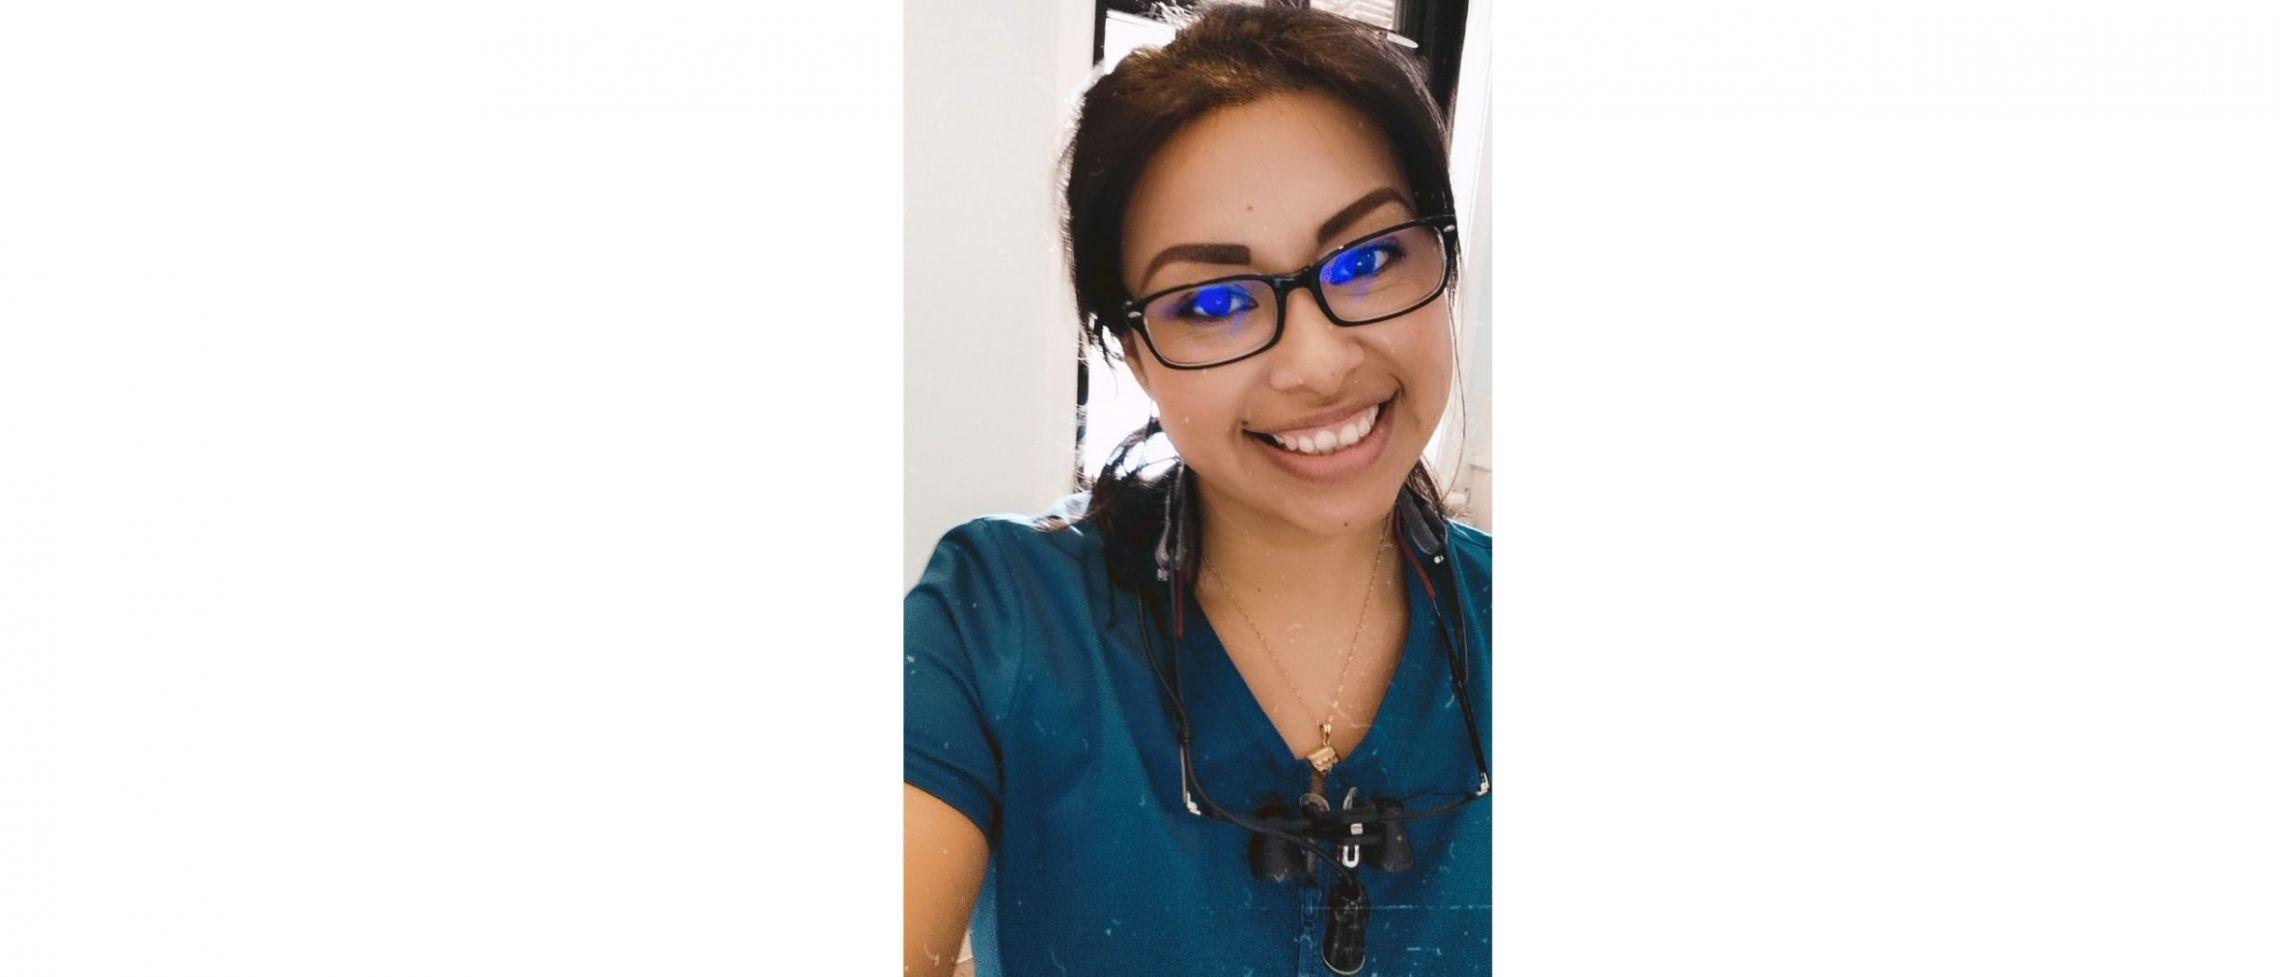 Bassett Dental & Aesthetics